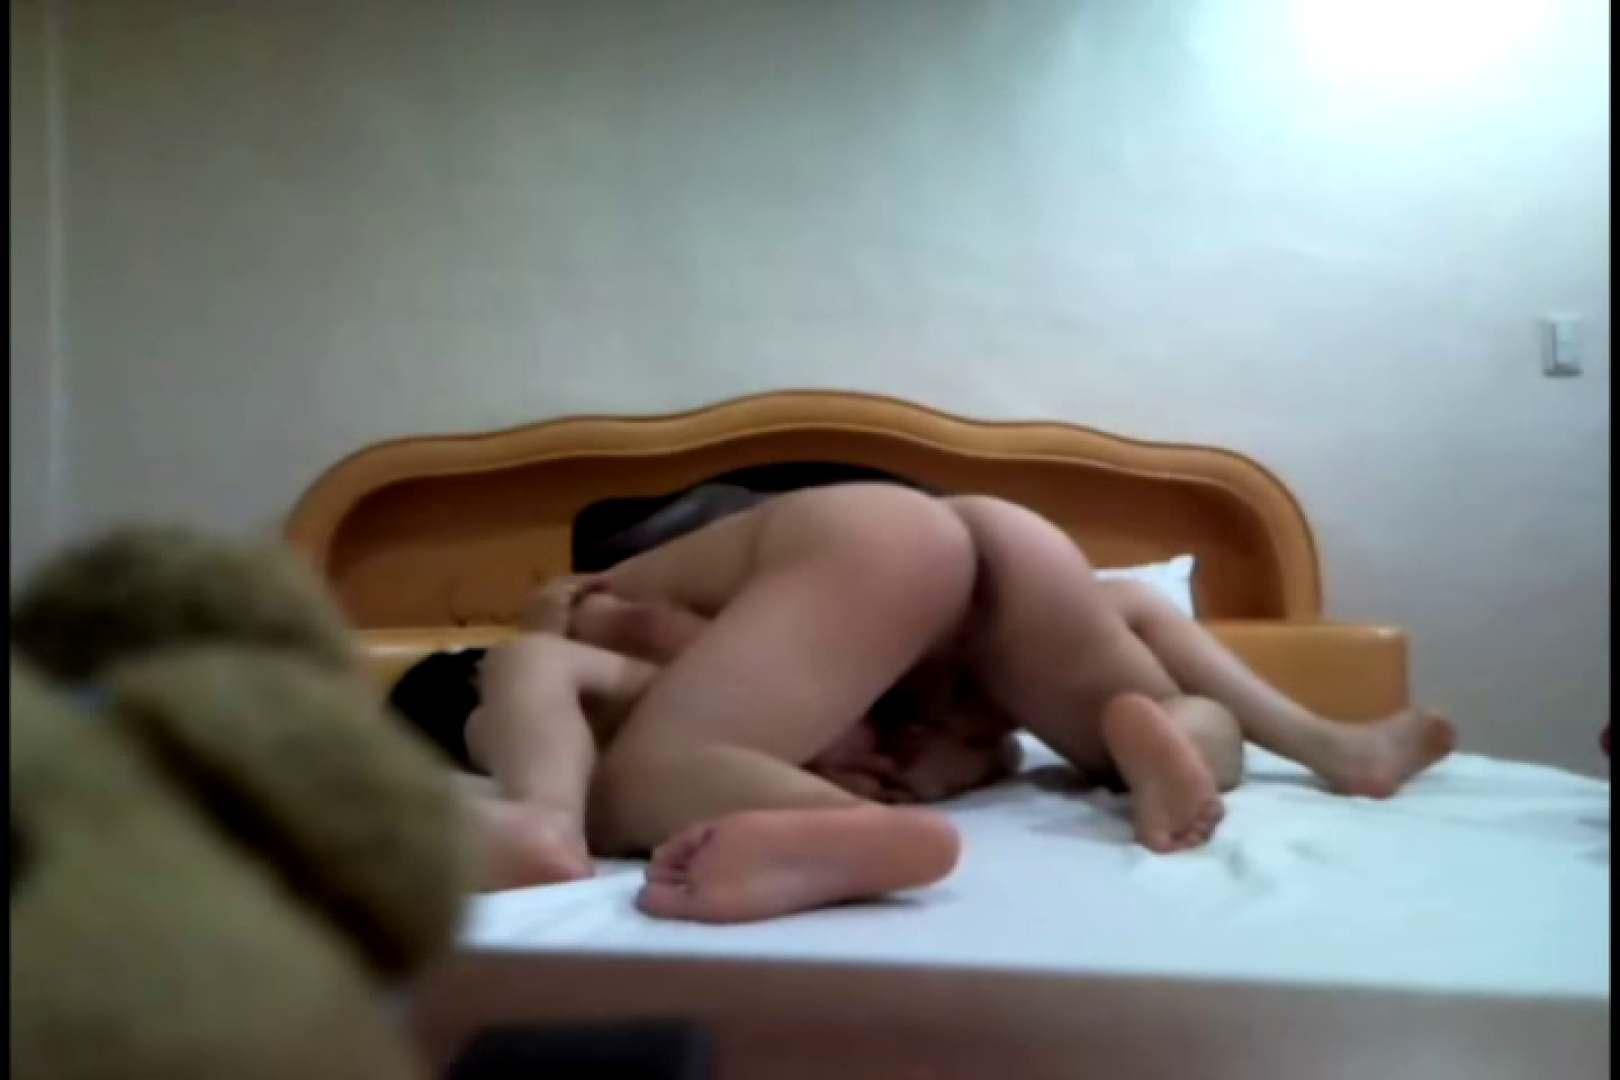 コリアン素人流出シリーズ ラブホテル隠し撮り 素人のぞき のぞき動画キャプチャ 86pic 42